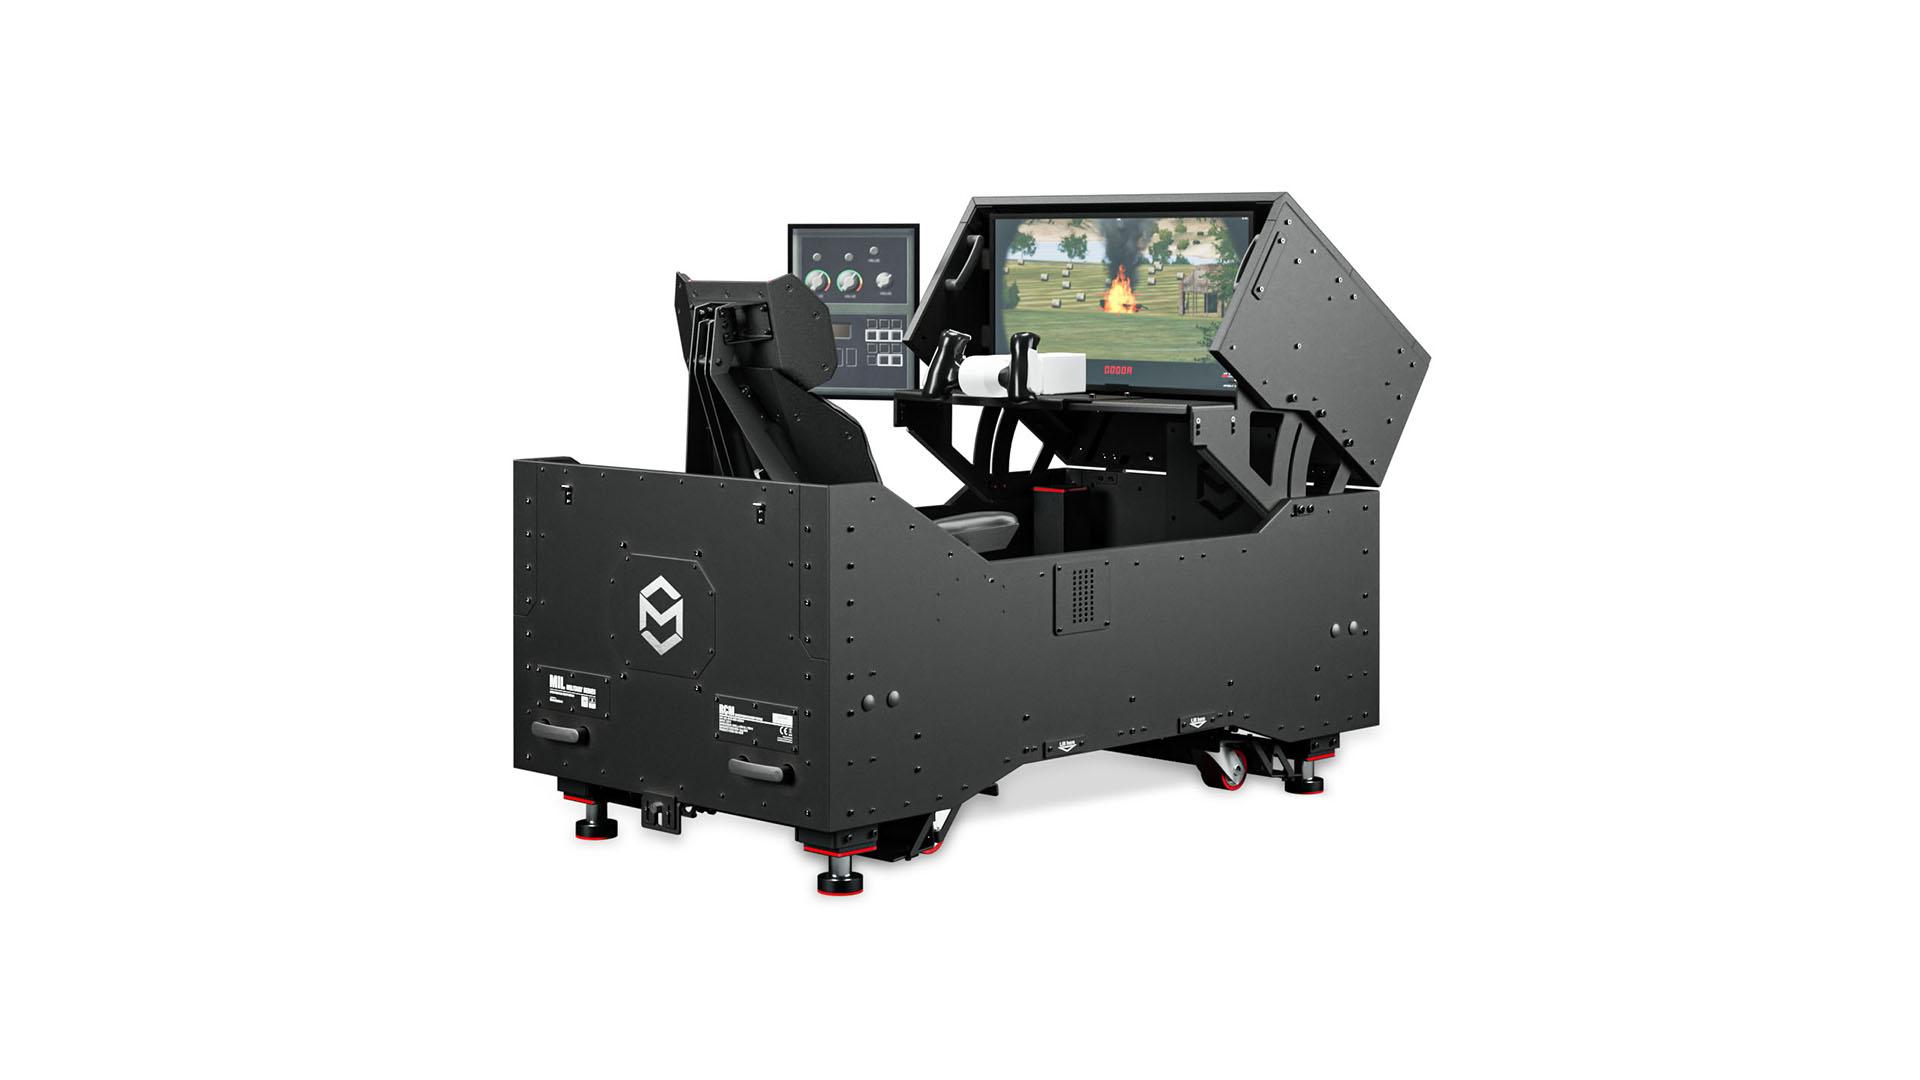 Motion Platform RCM-C420